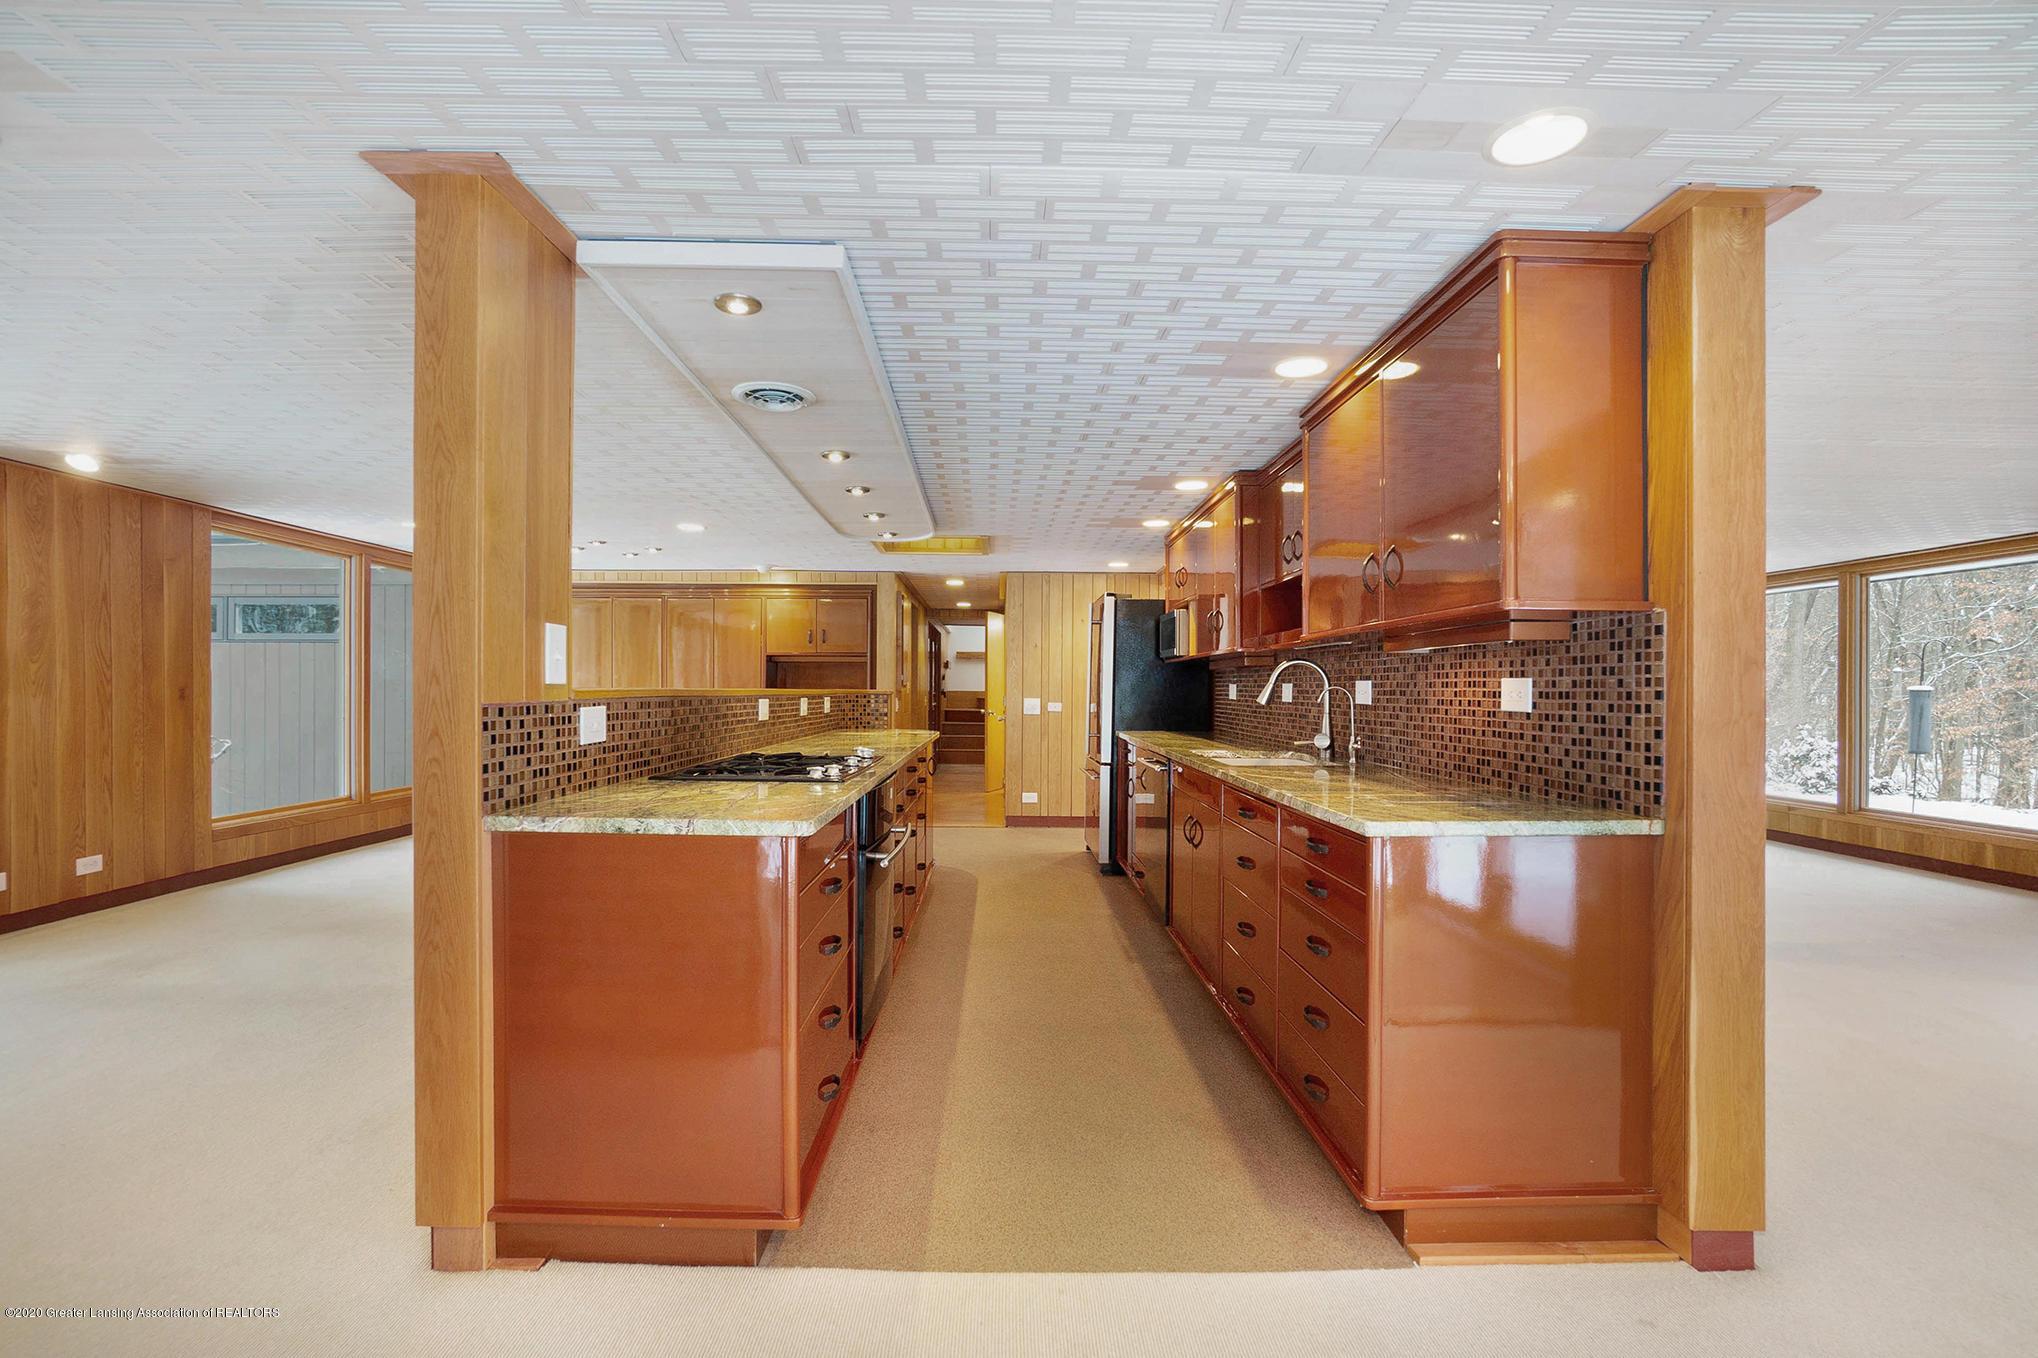 4045 Van Atta Rd - Floor Plan - 16